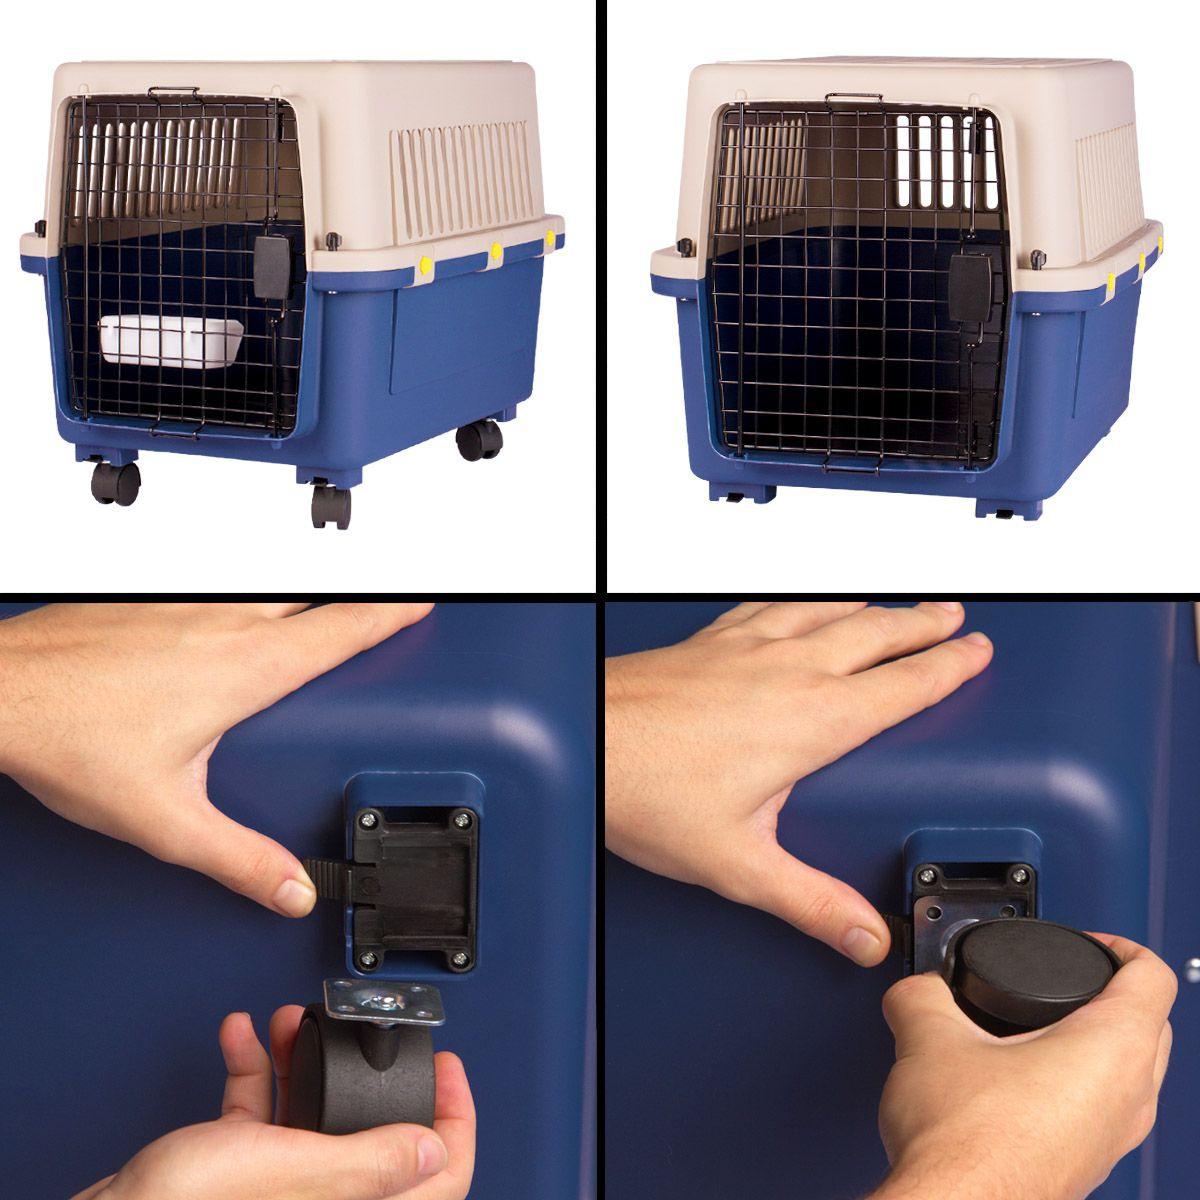 Caixa de Transporte Dog Fly IATA Tamanho 4 N4